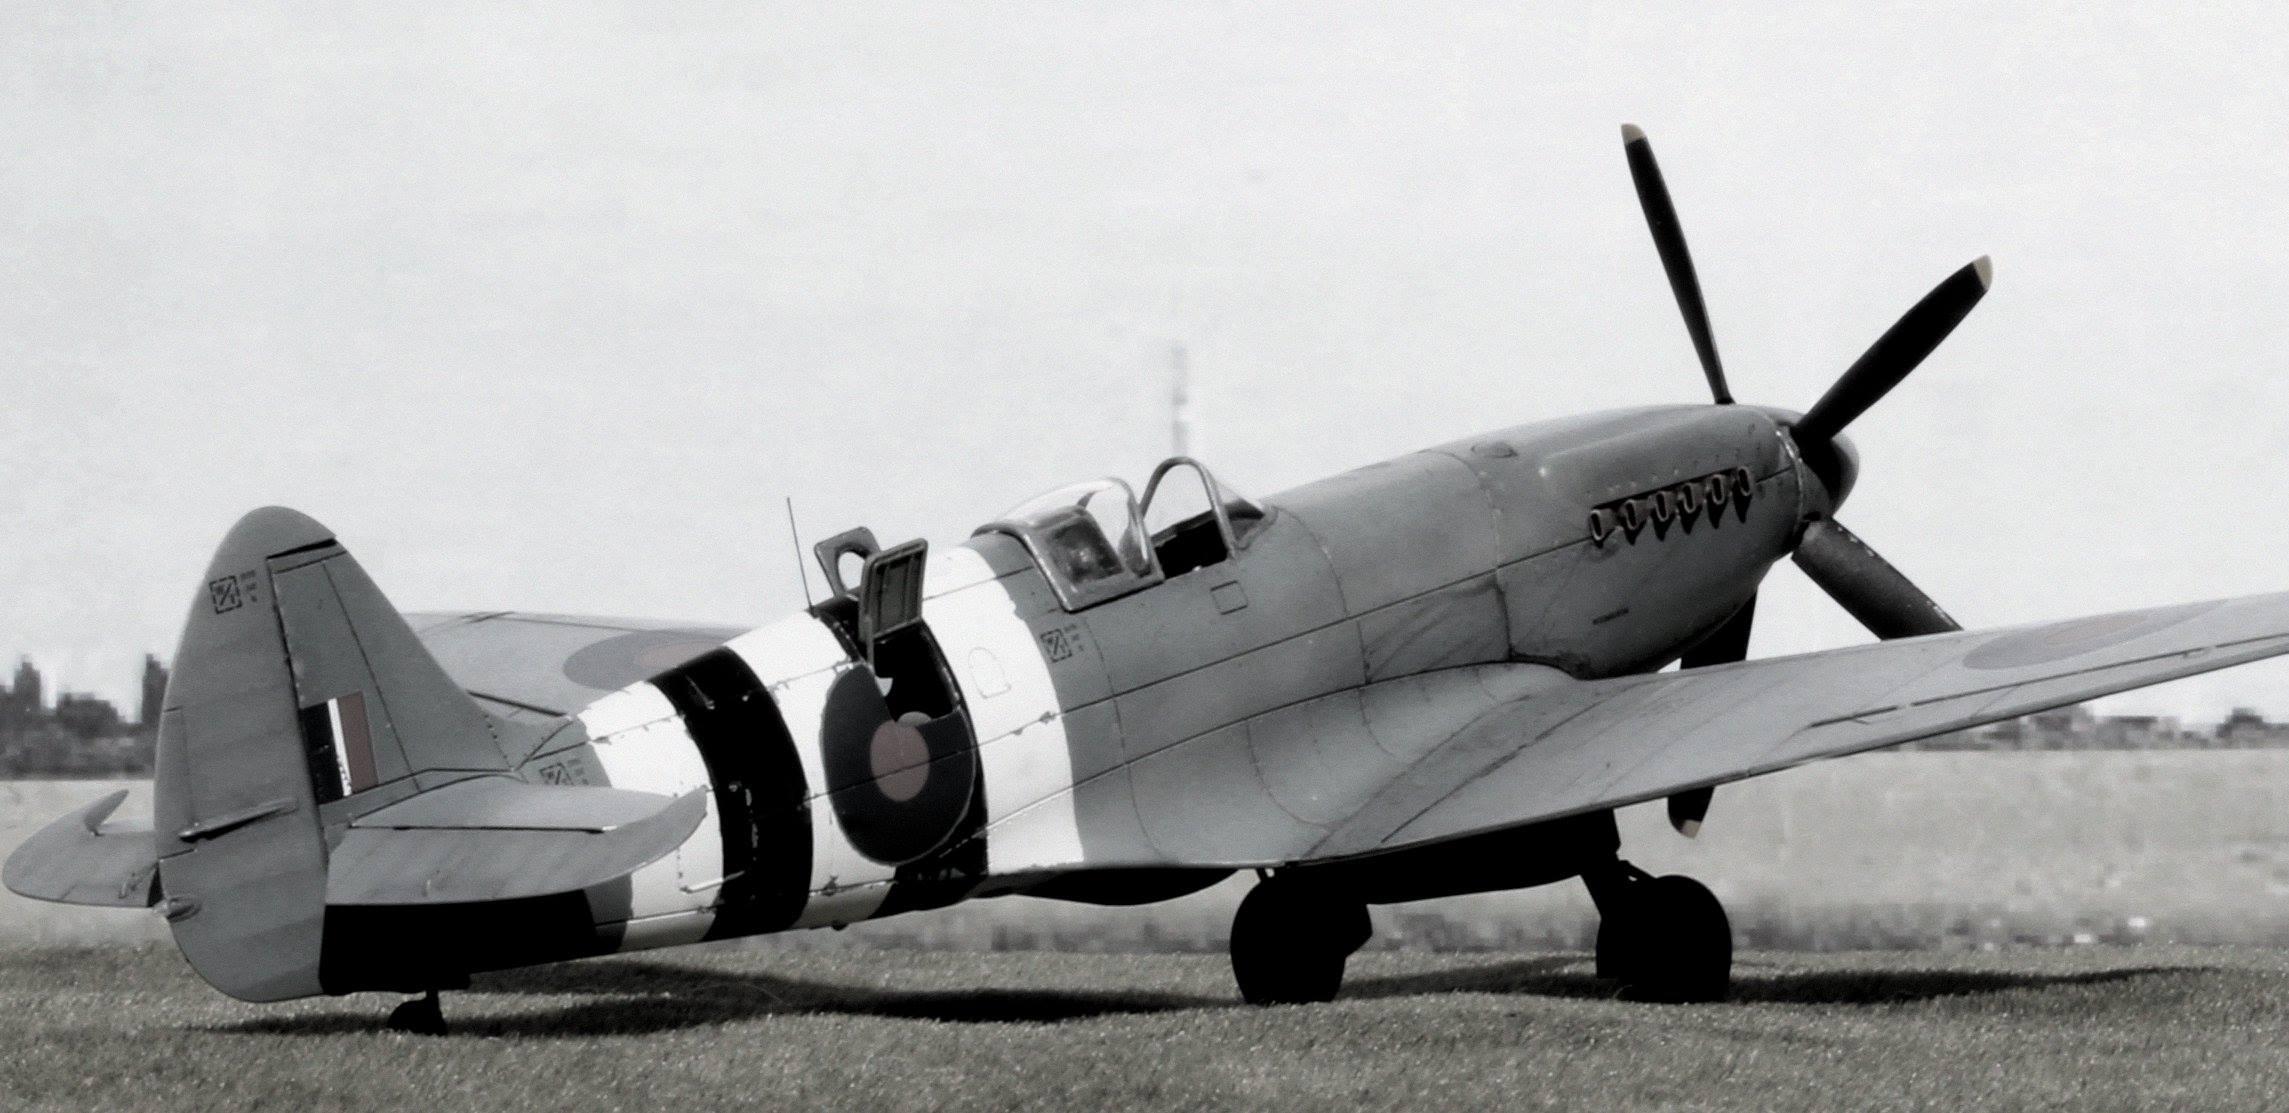 Spitfire Mk XIX (early)